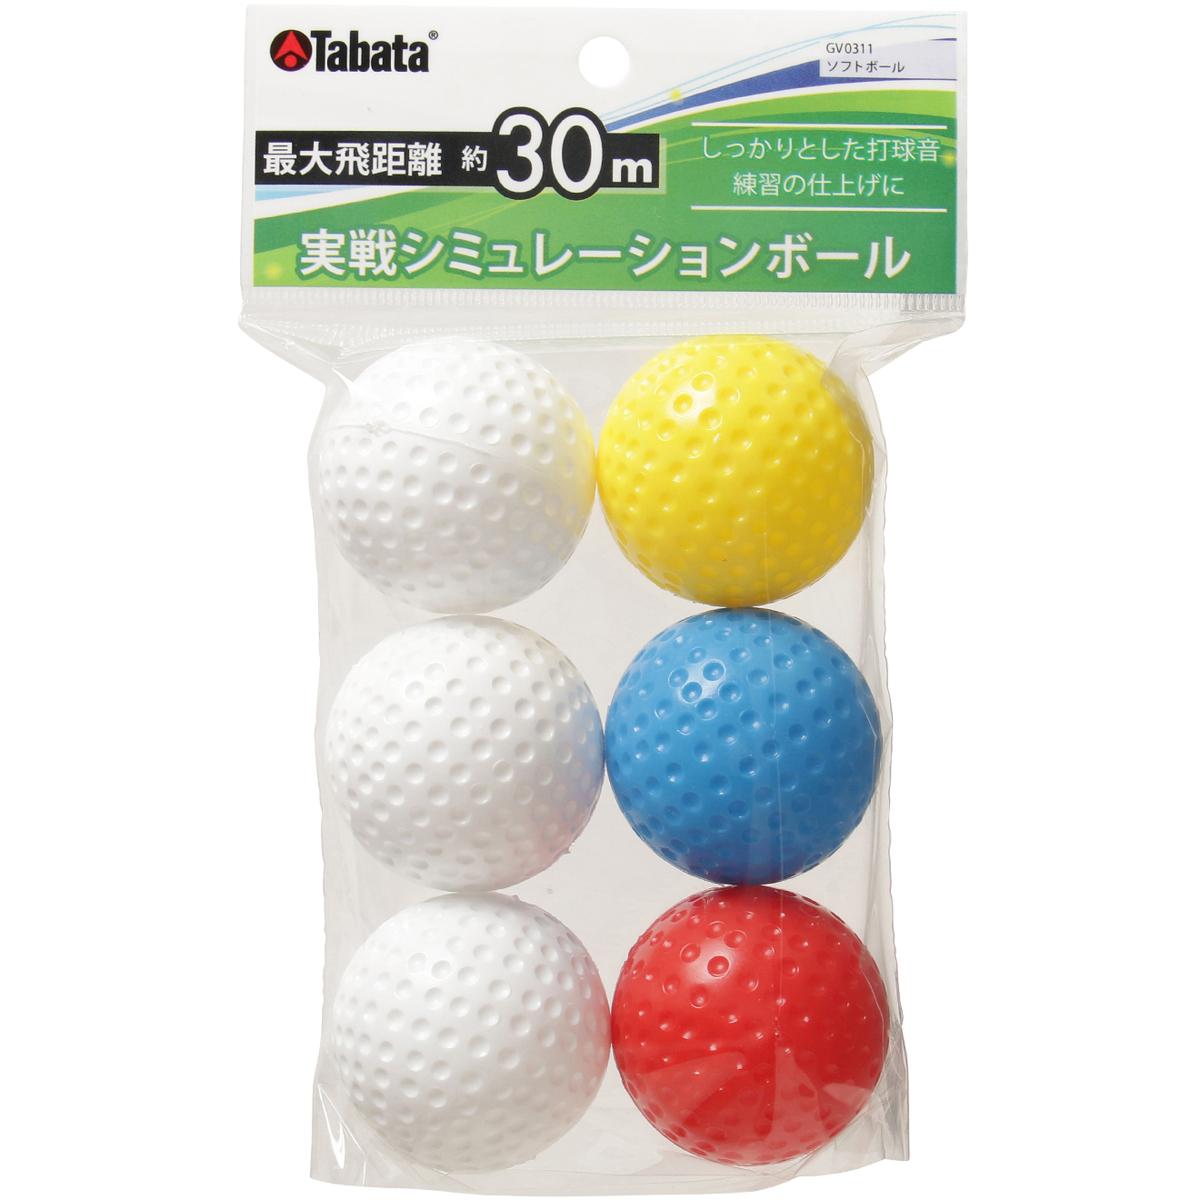 実戦シュミレーションボール ソフトボール GV-0311